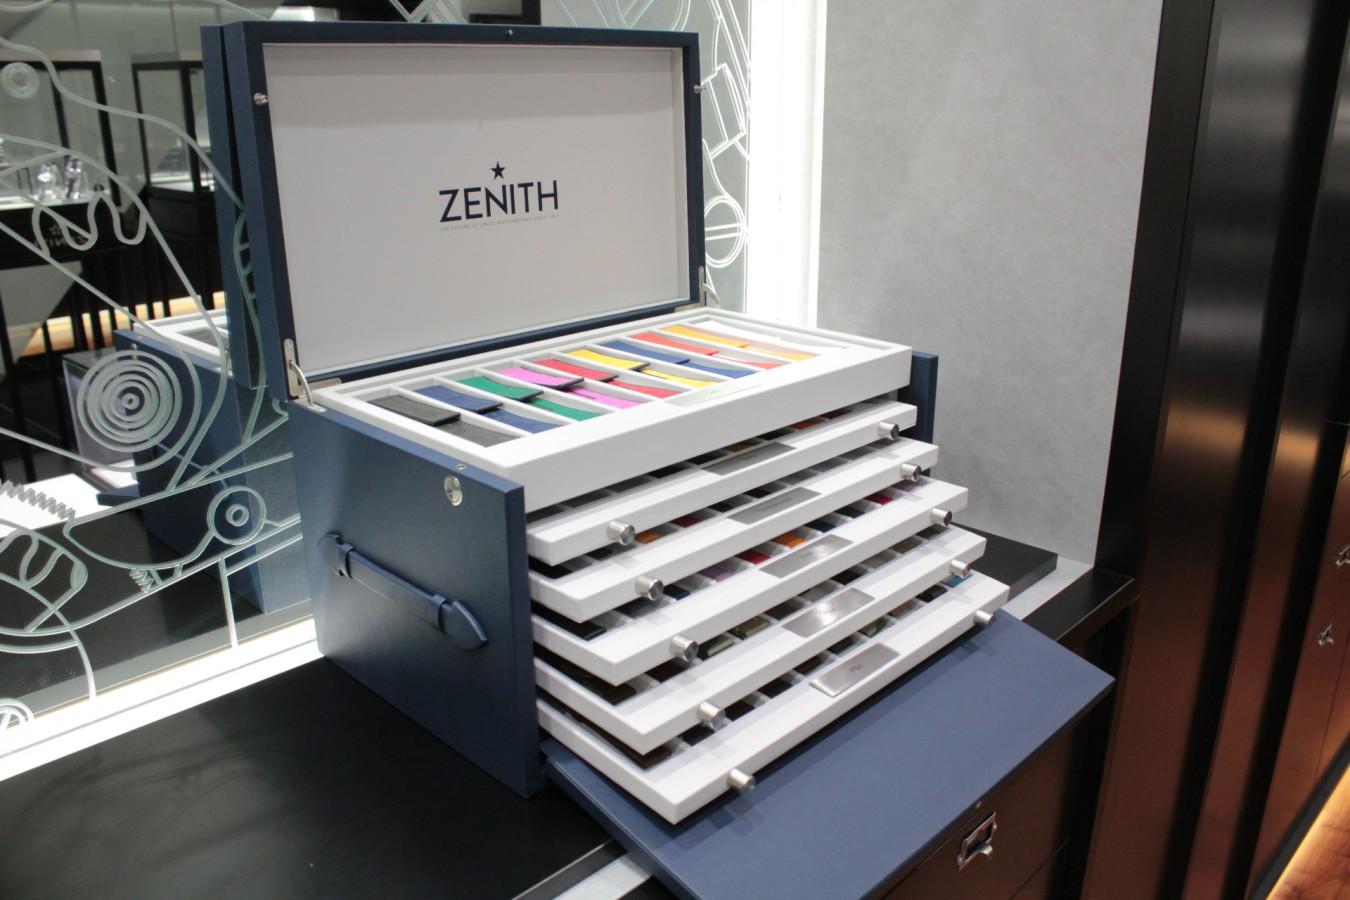 IMG_4814 ゼニスの豪華なストラップボックスが入荷しました!現行モデルのストラップを色々ご覧頂けます。 - ベルト/ストラップ